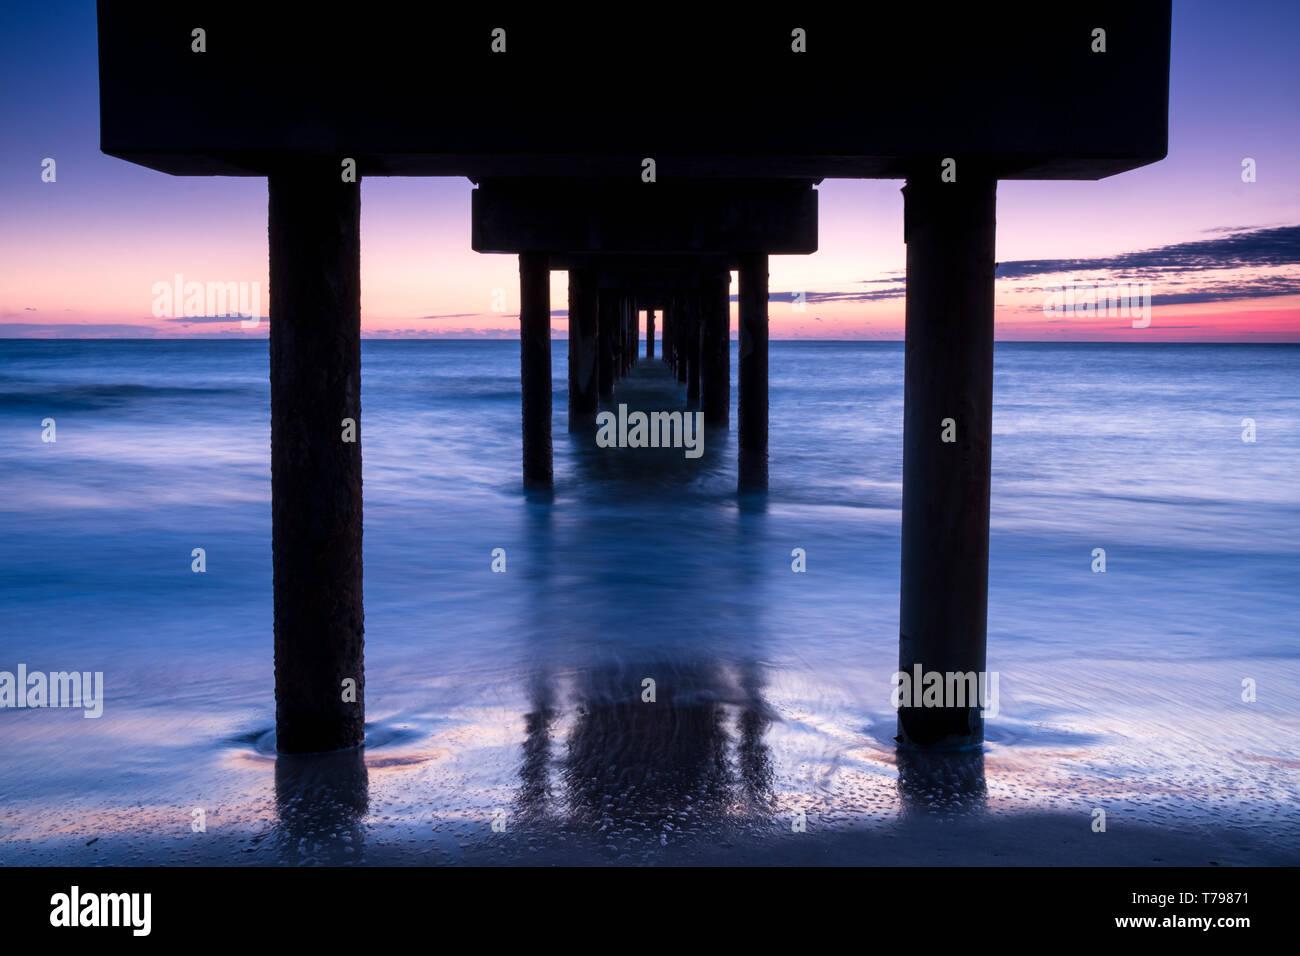 Under the Pier, St. Augustine Beach Pier, Florida - Stock Image